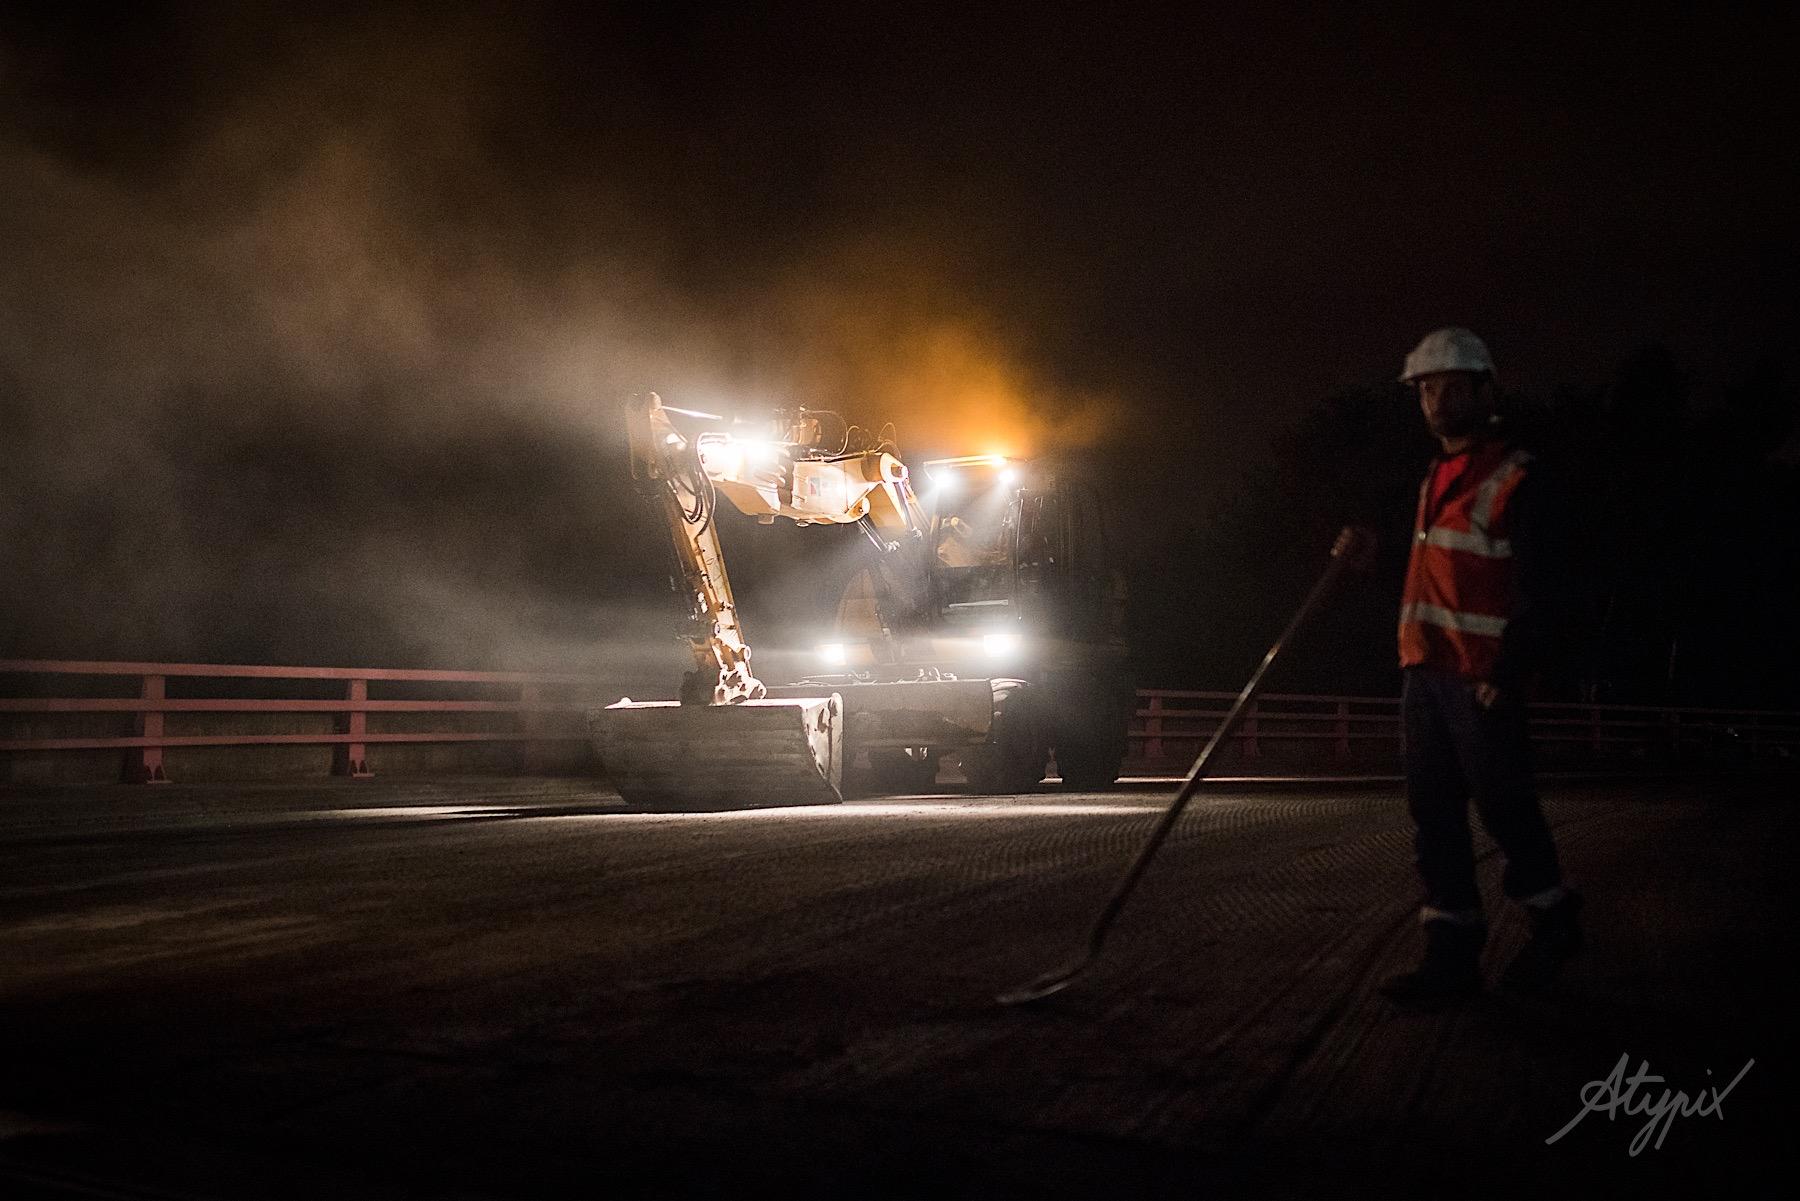 travaux de nuit travaux publics eurovia